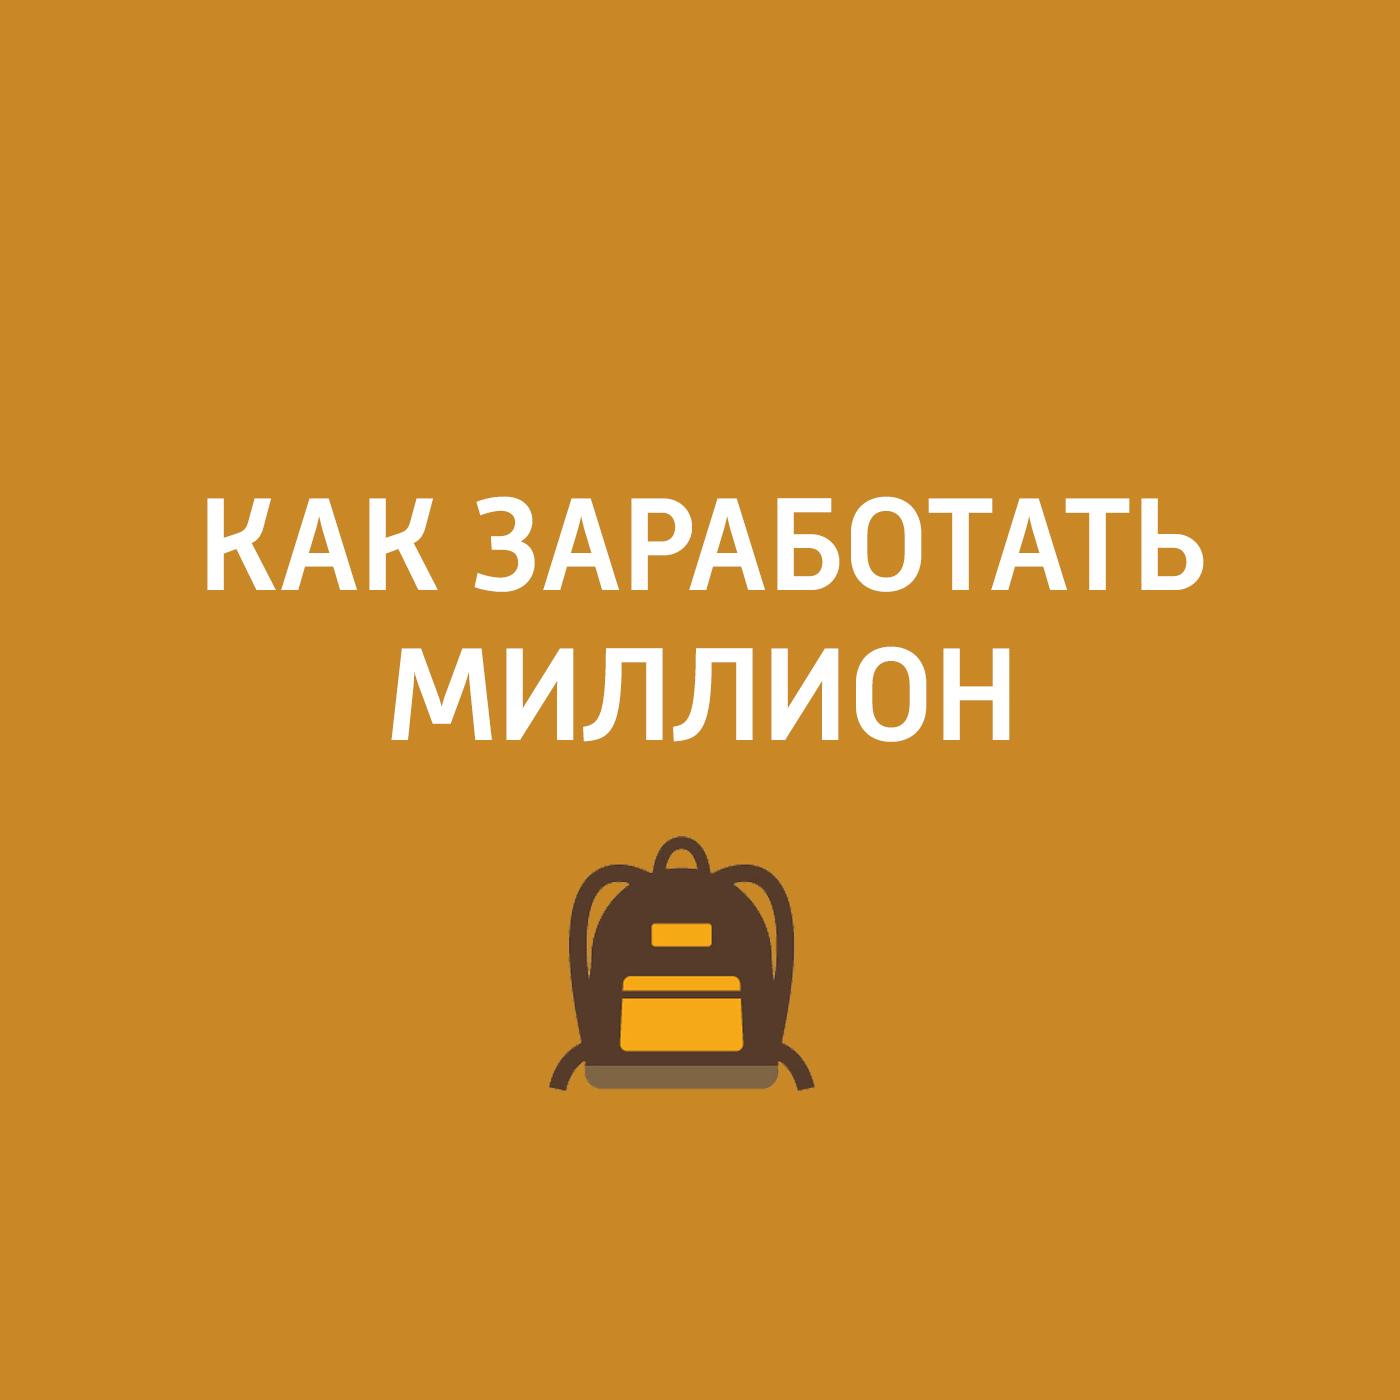 Творческий коллектив шоу «Сергей Стиллавин и его друзья» Скайдом